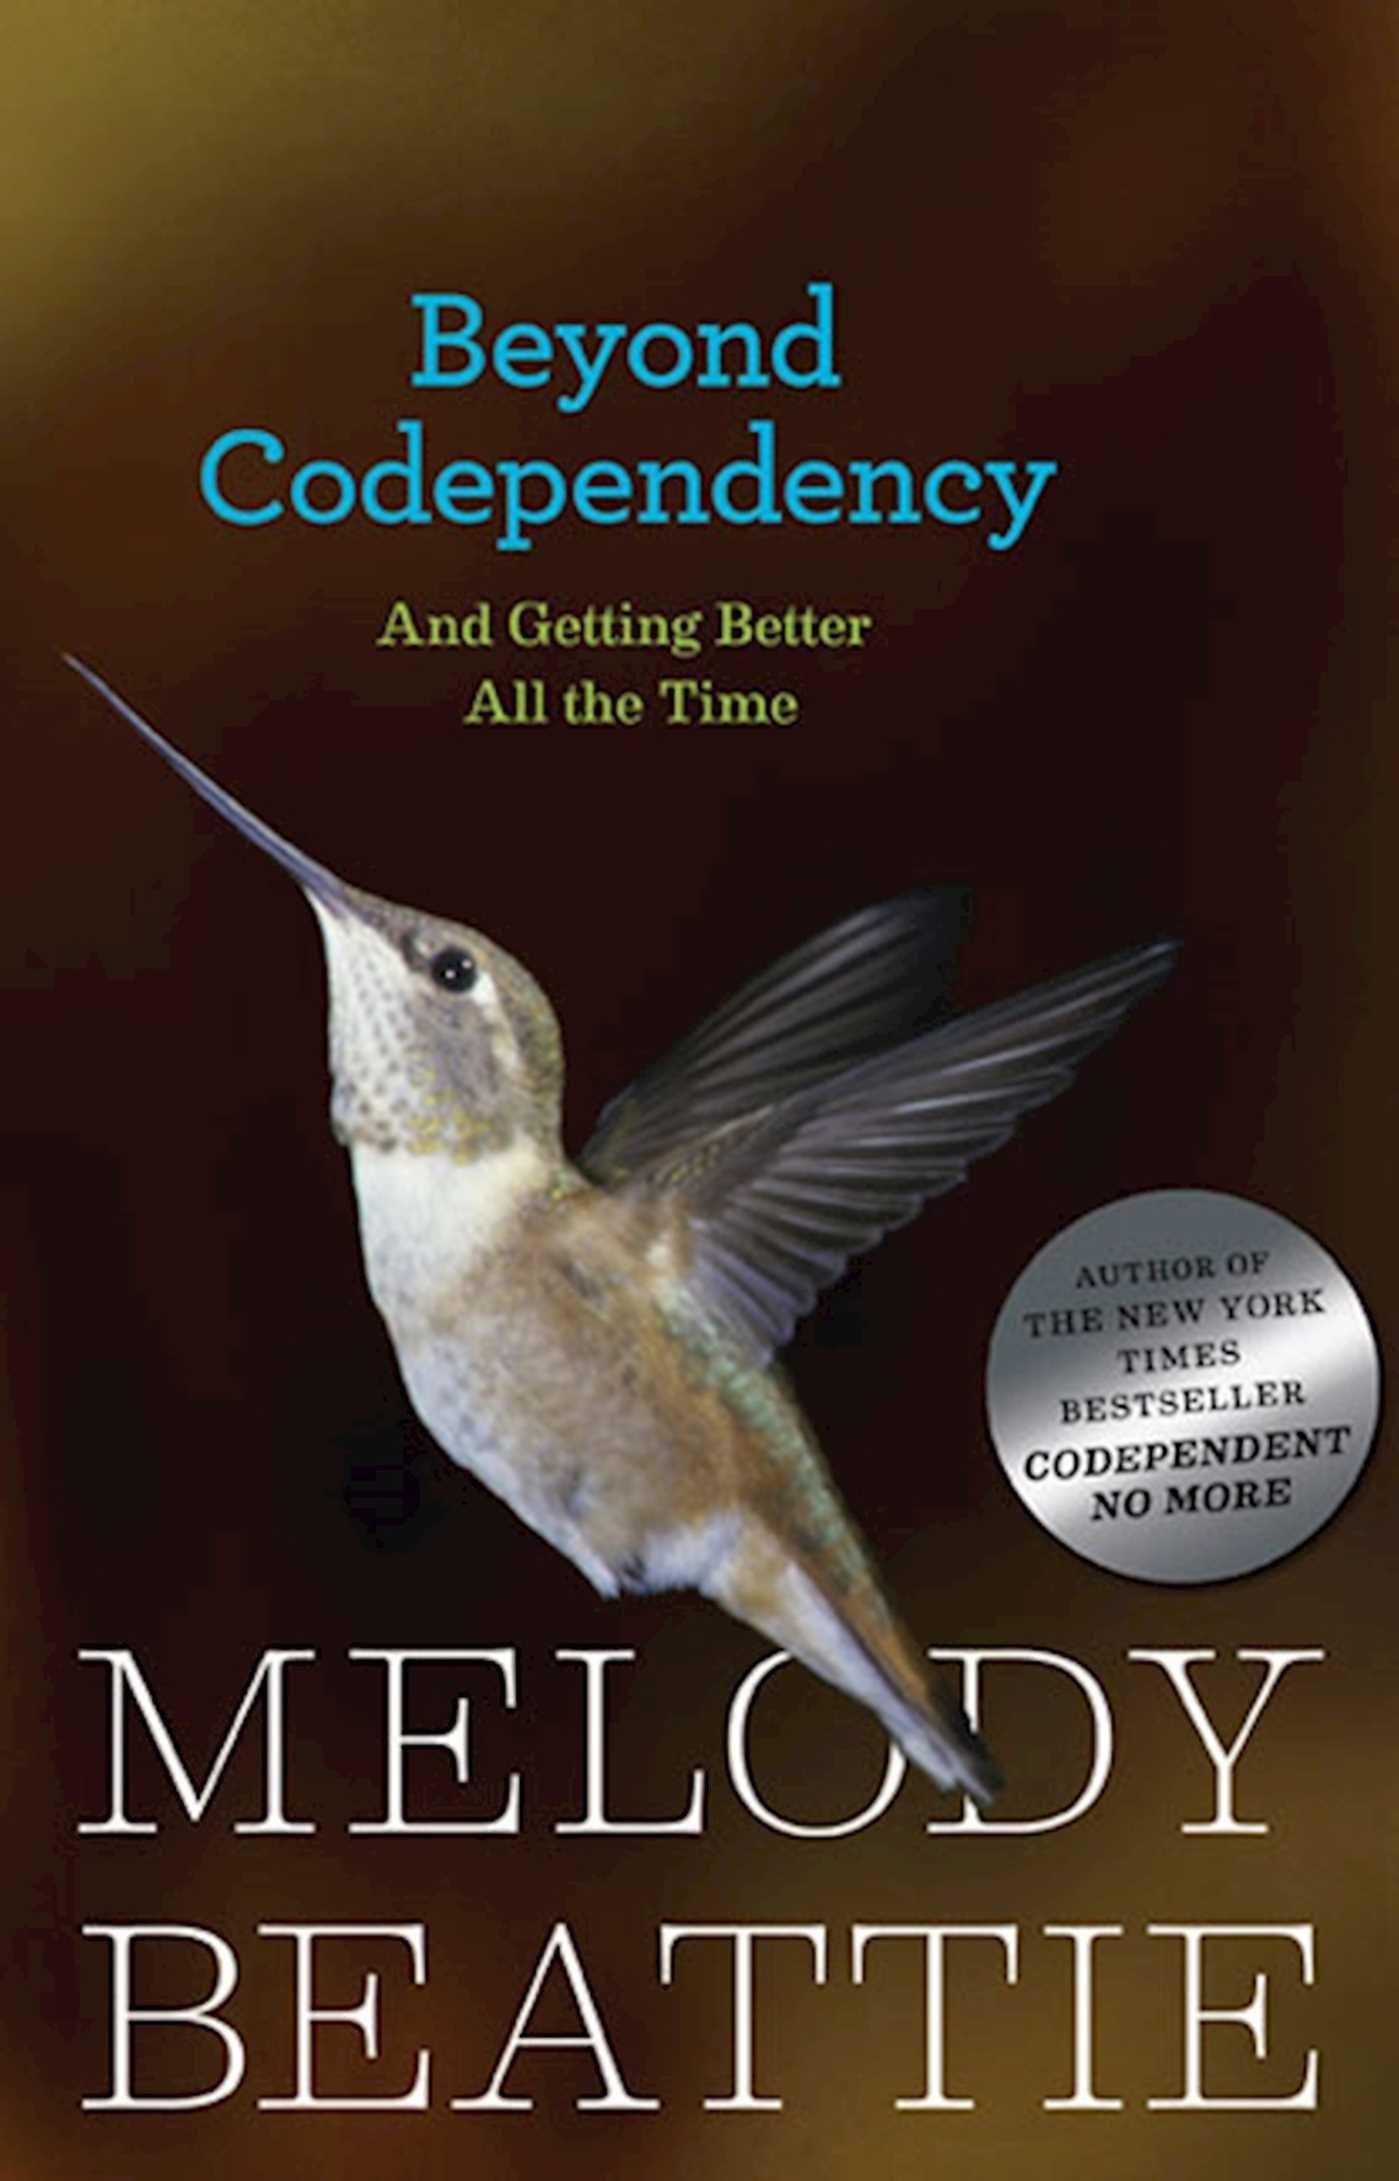 beyond_codependency